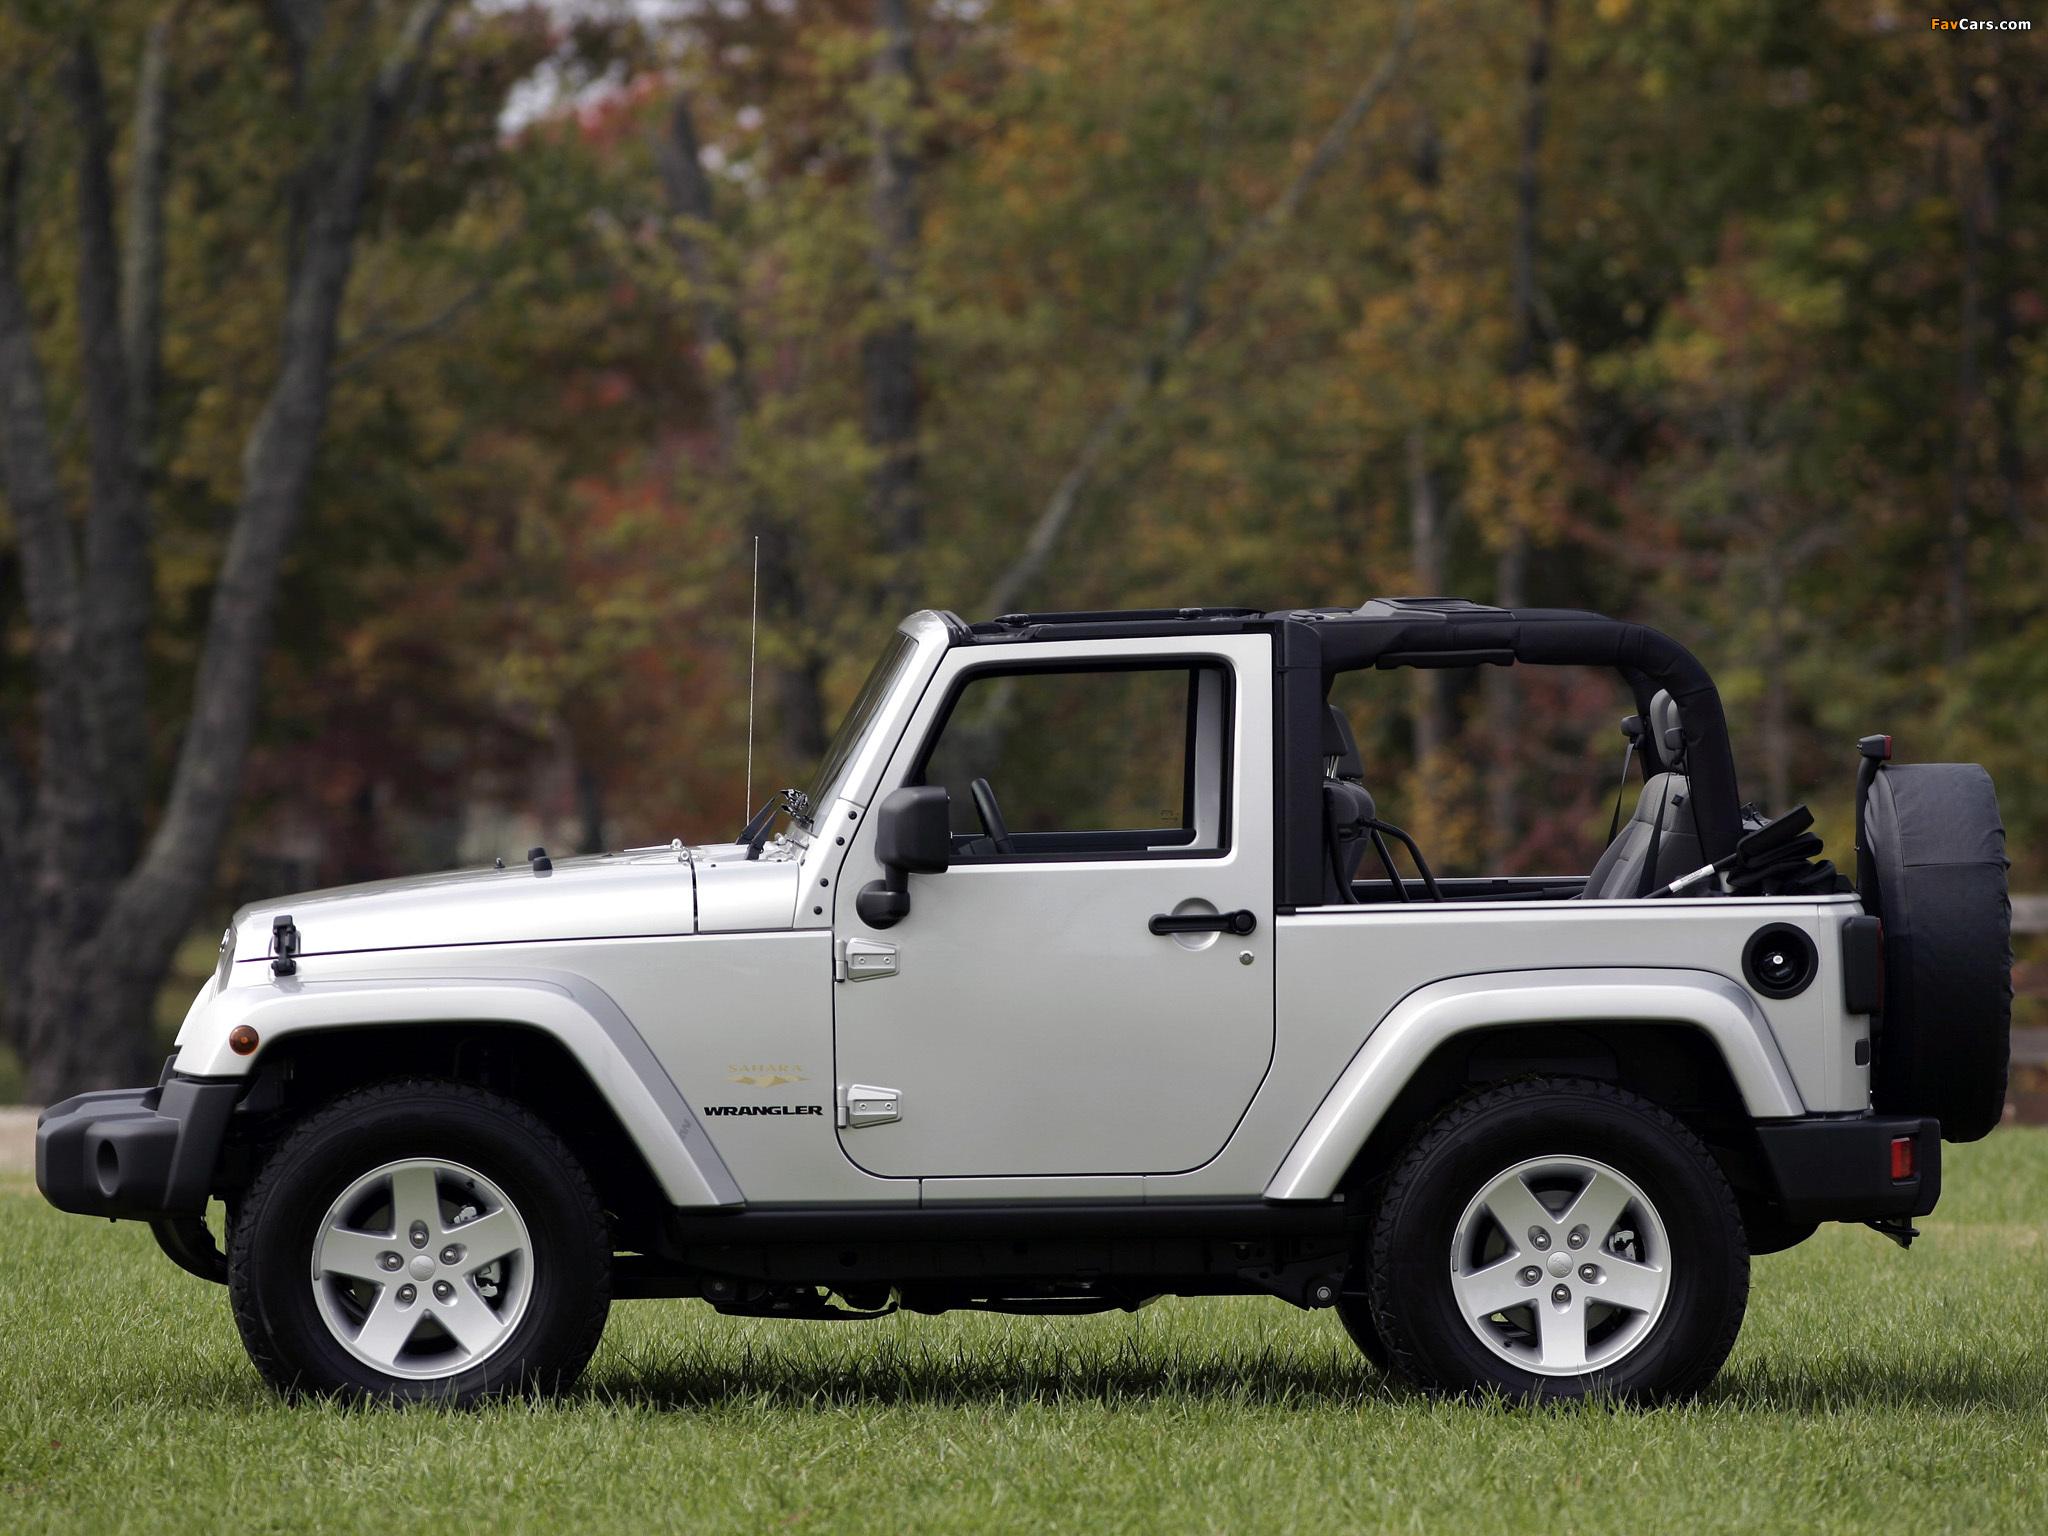 Jeep Wrangler Sahara (JK) 2007 images (2048 x 1536)